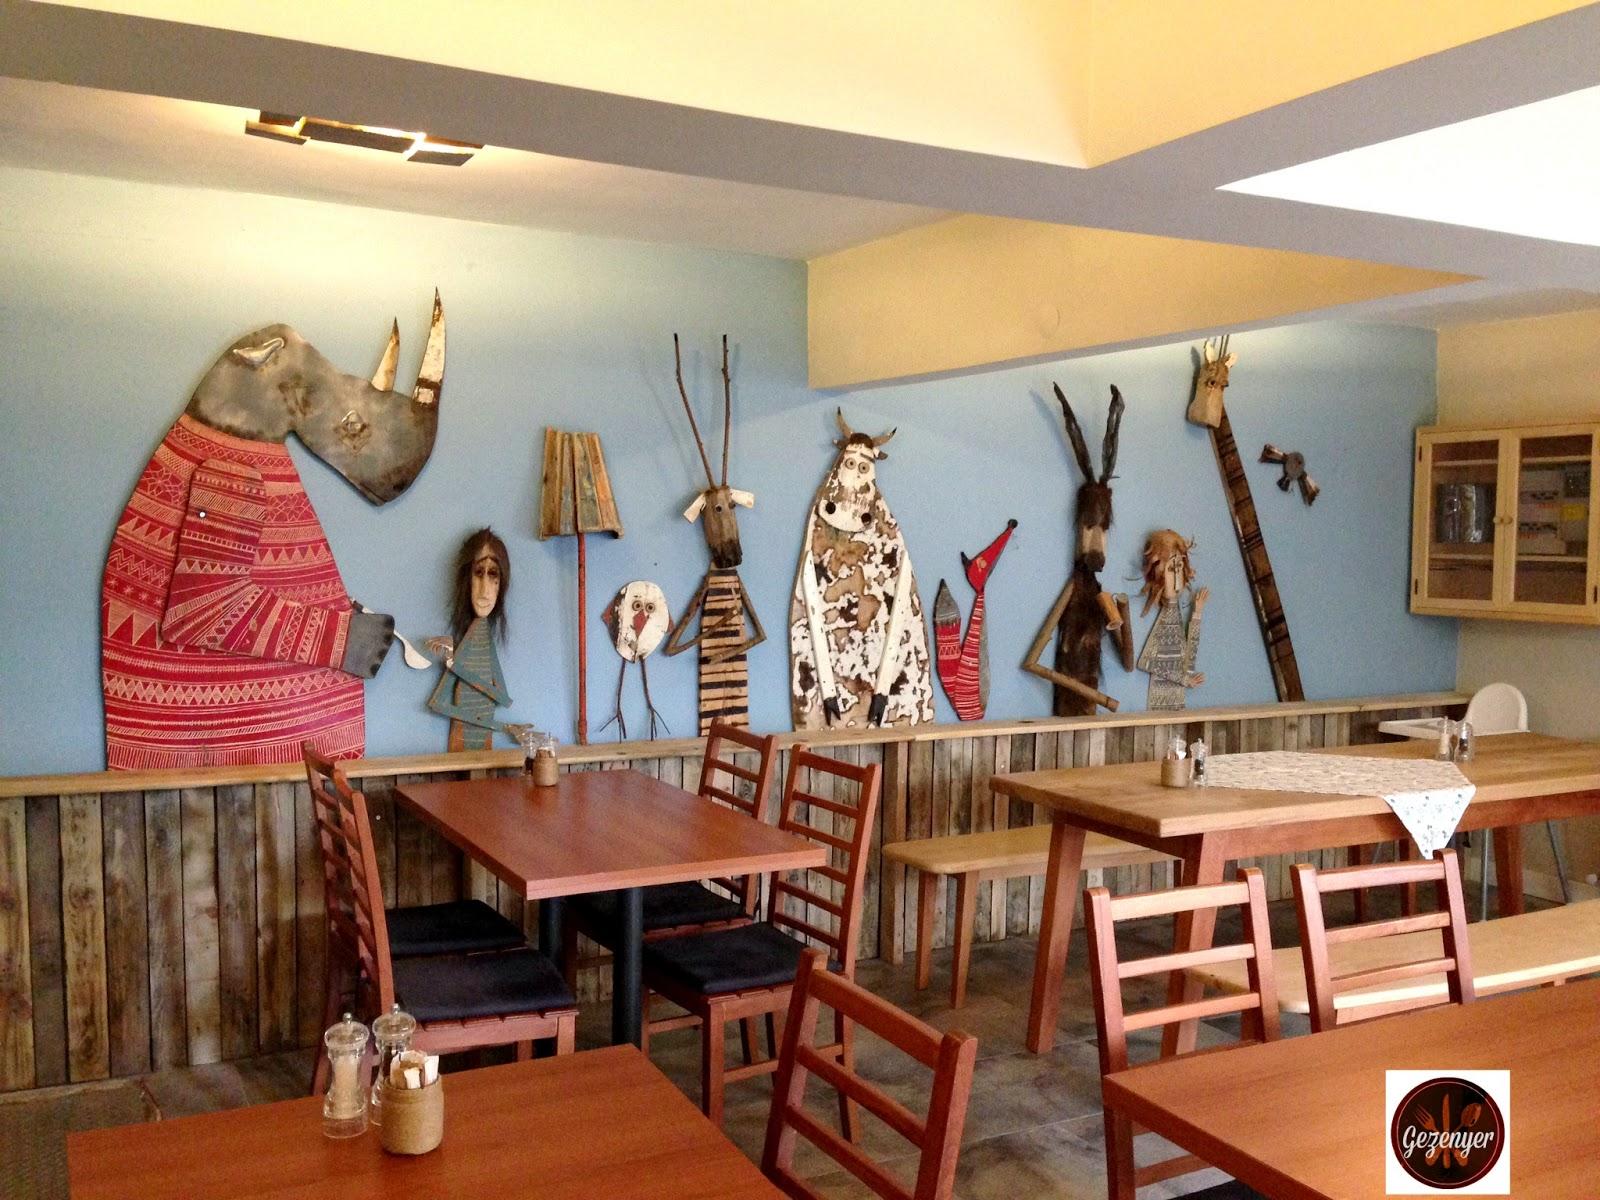 Naga putrika restaurant